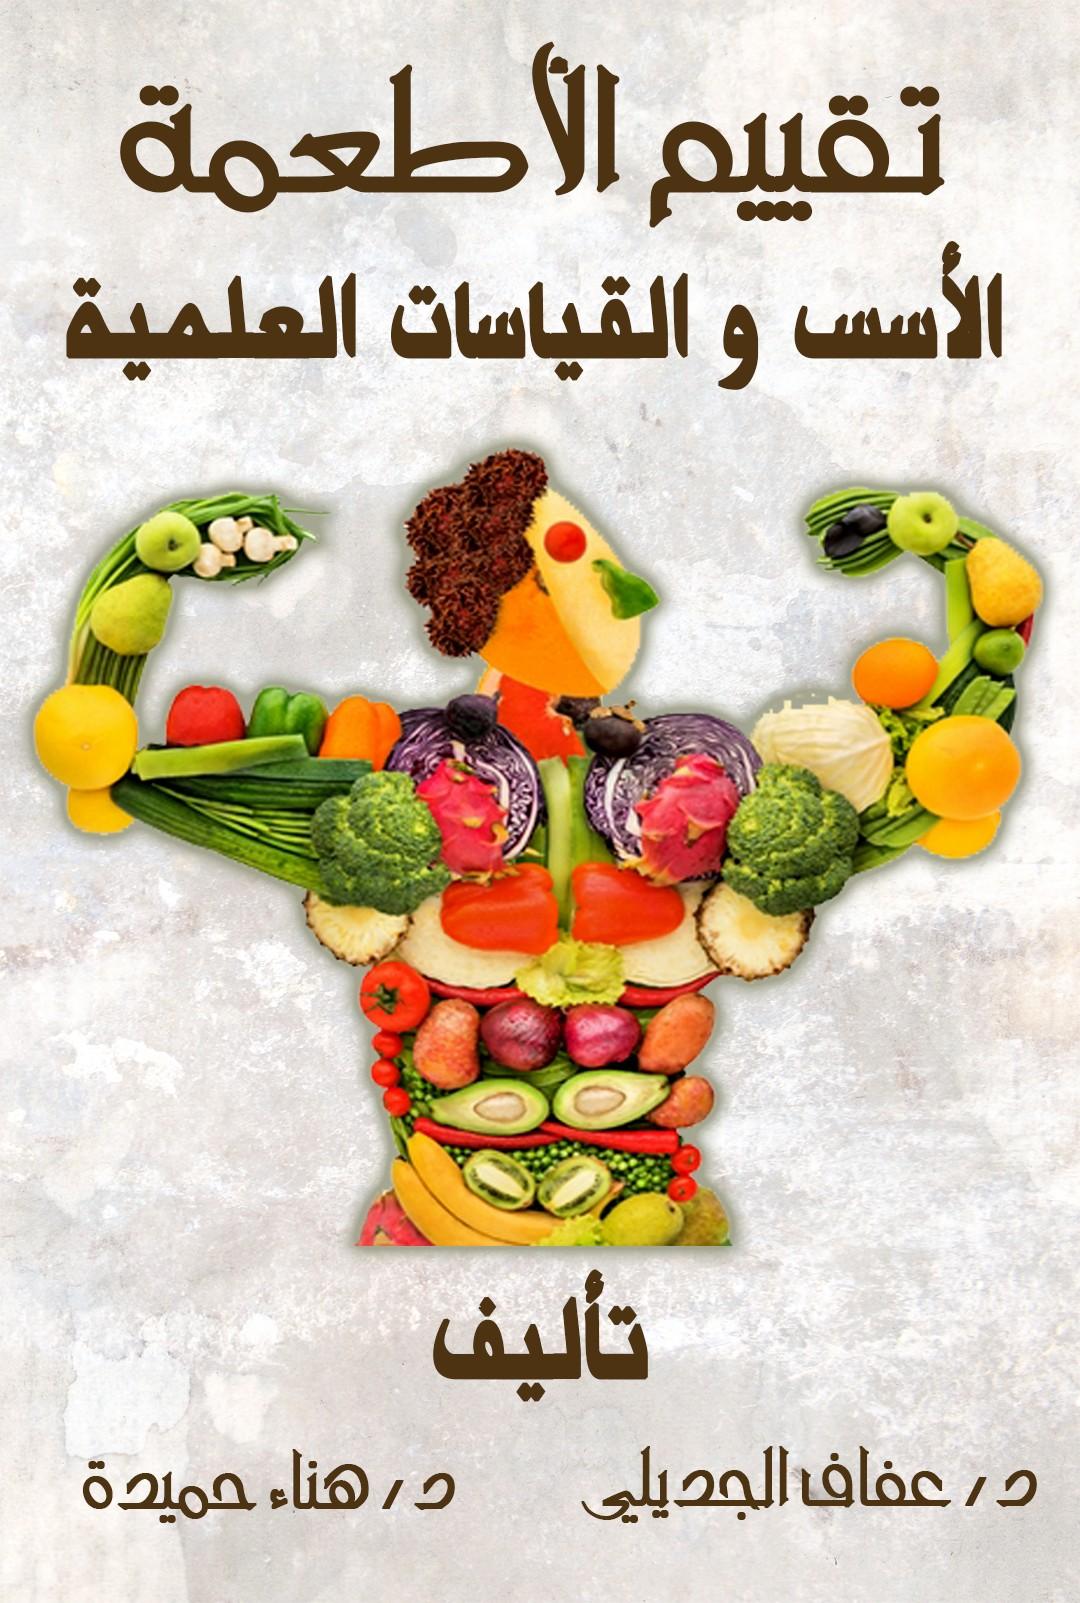 تقييم الاطعمة